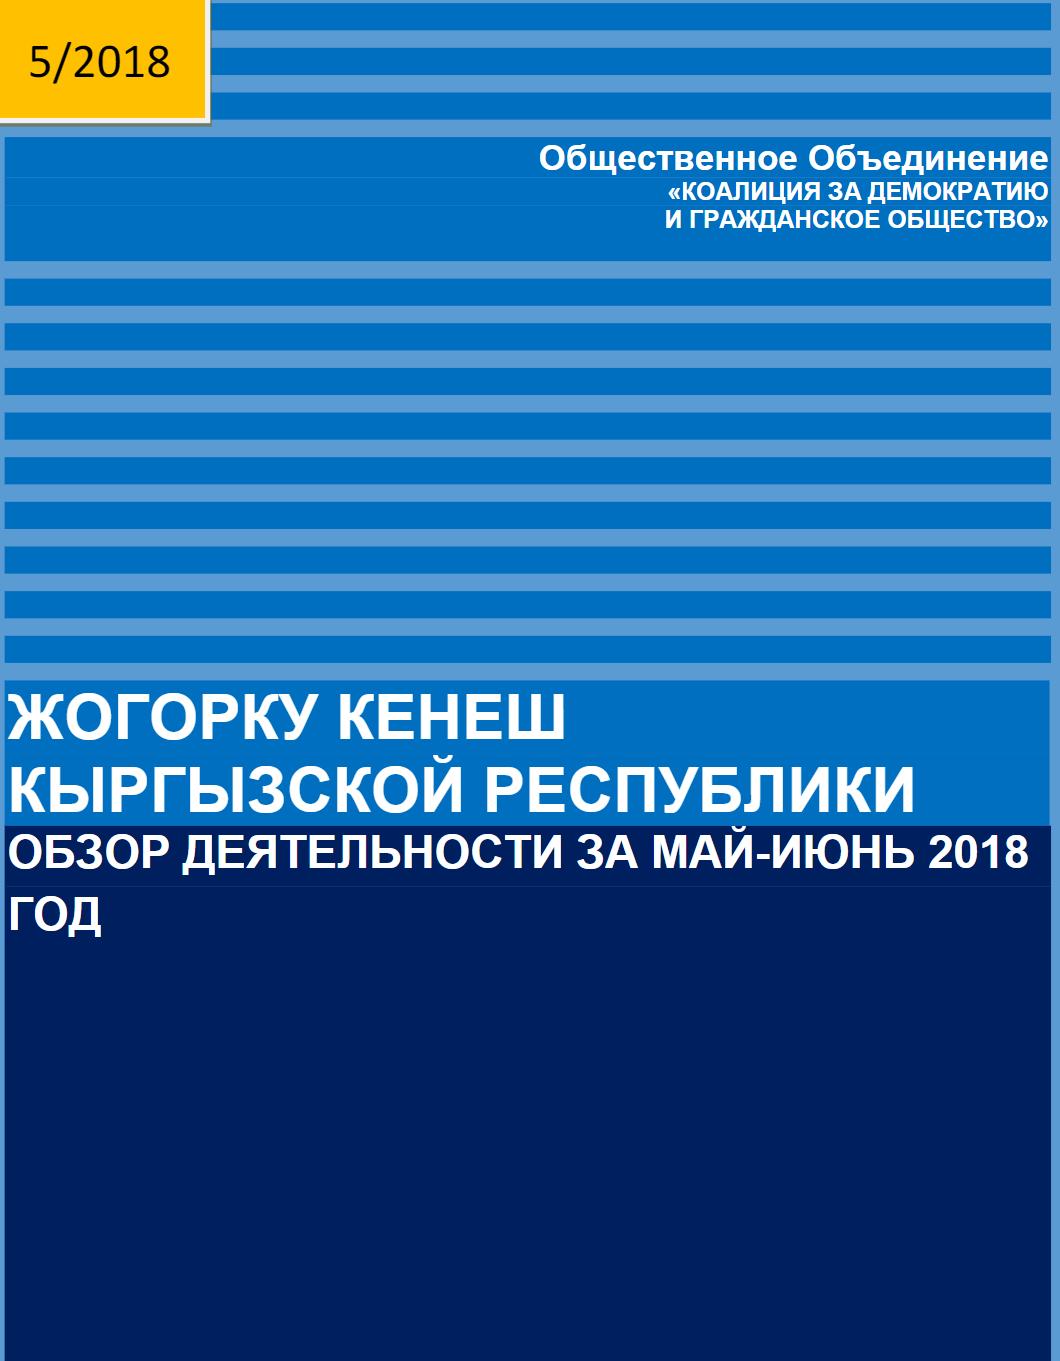 (Русский) Обзор деятельности Жогорку Кенеша Кыргызской Республики за май-июнь 2018г.